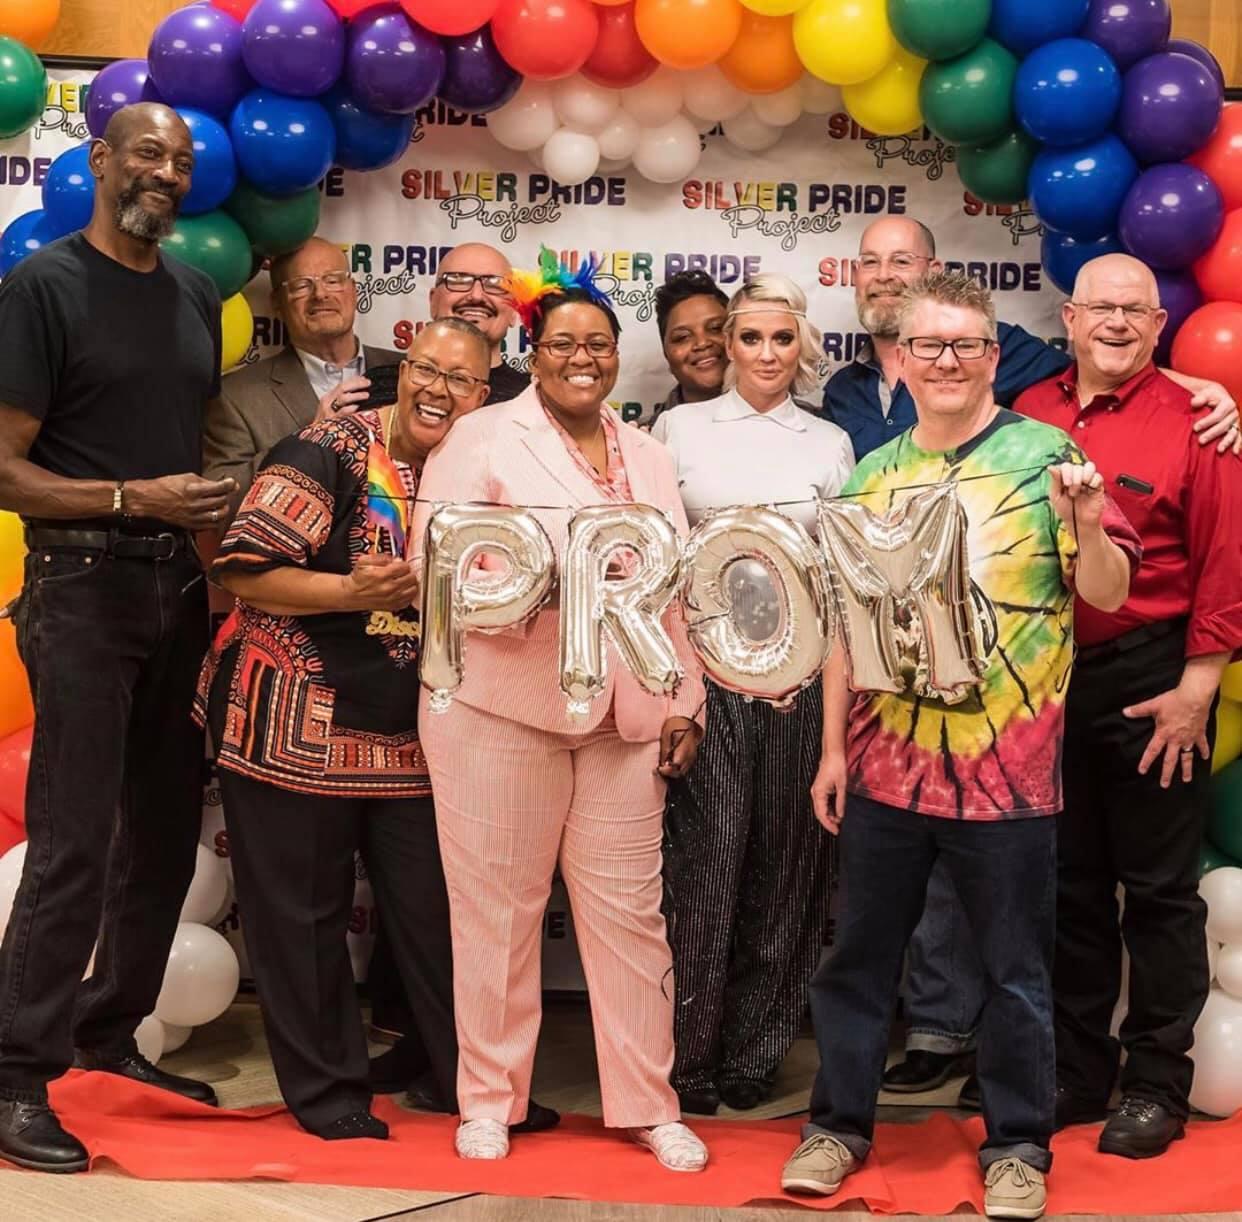 Silver Pride Project Senior Prom Event 2019